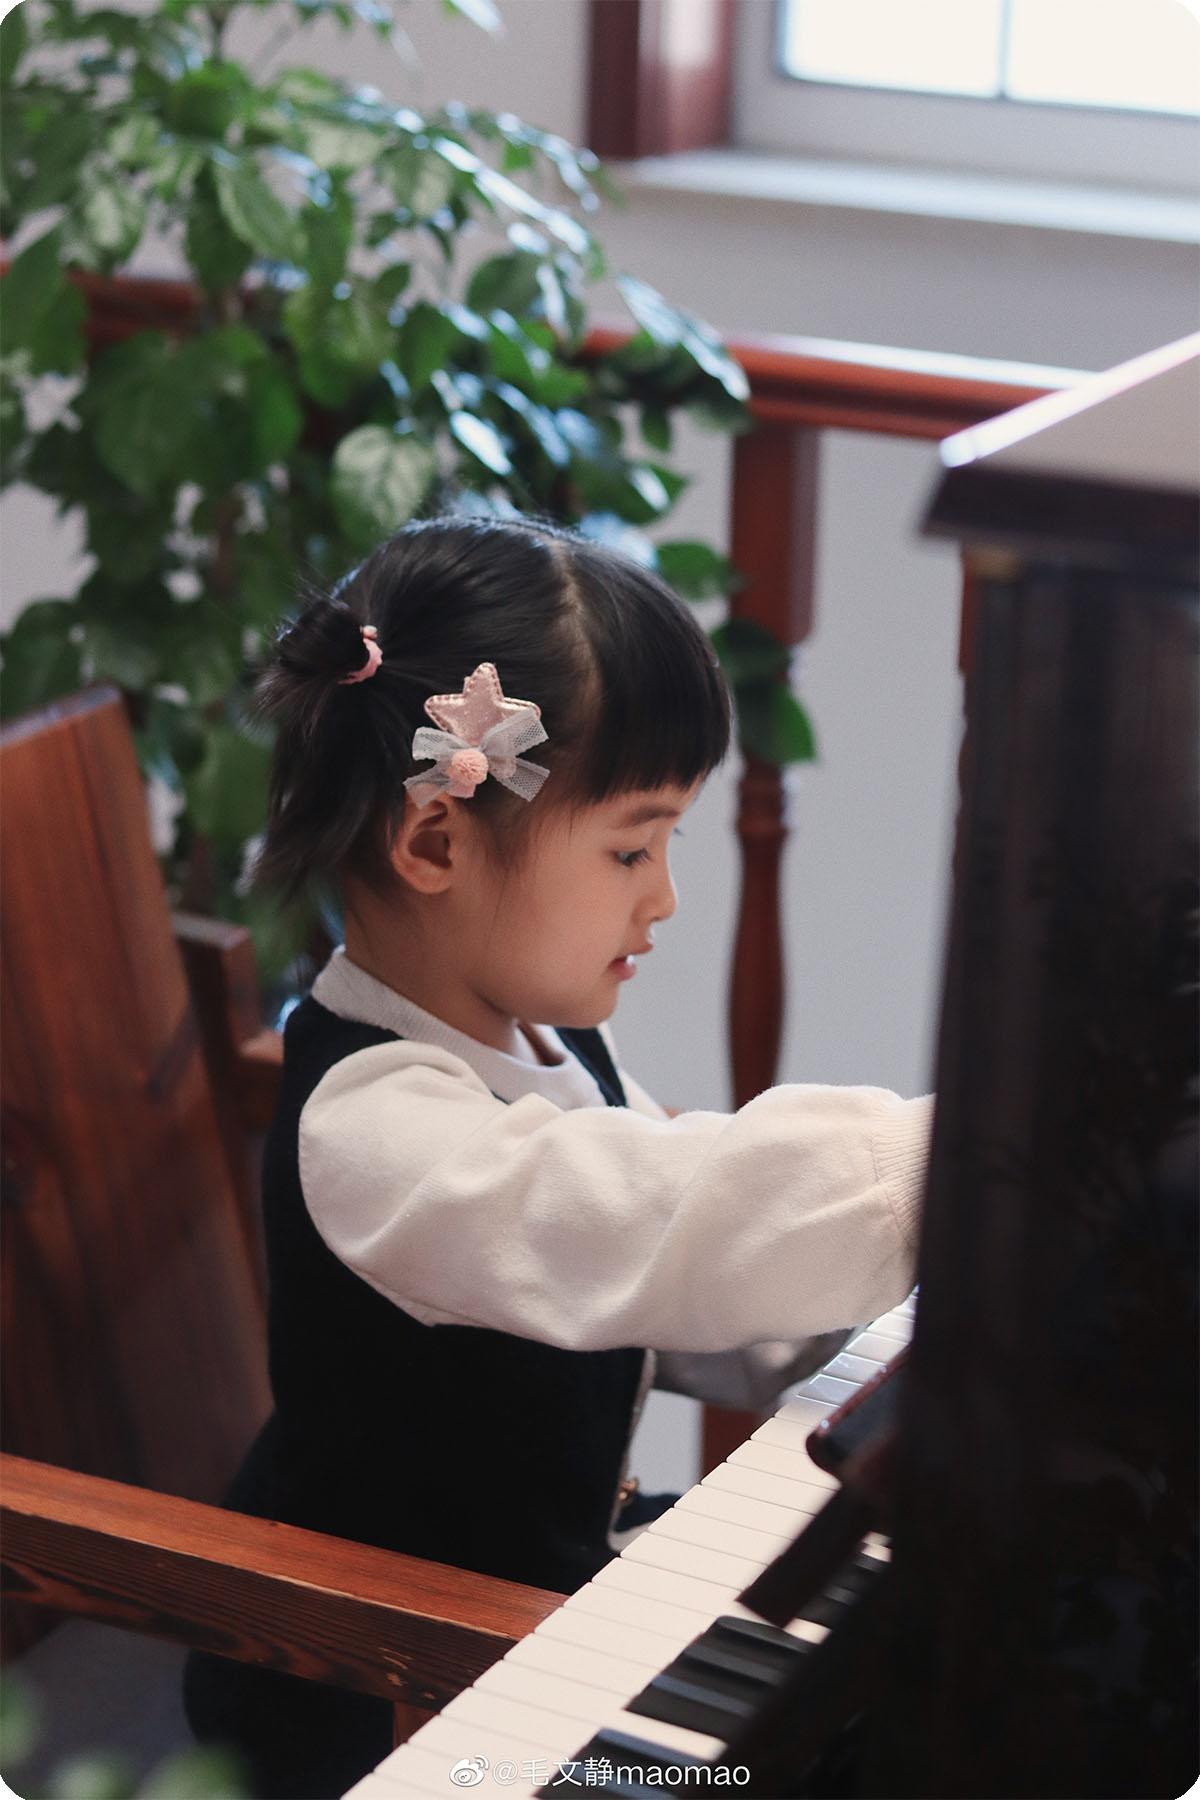 陪娃练琴神器分享|明基钢琴灯